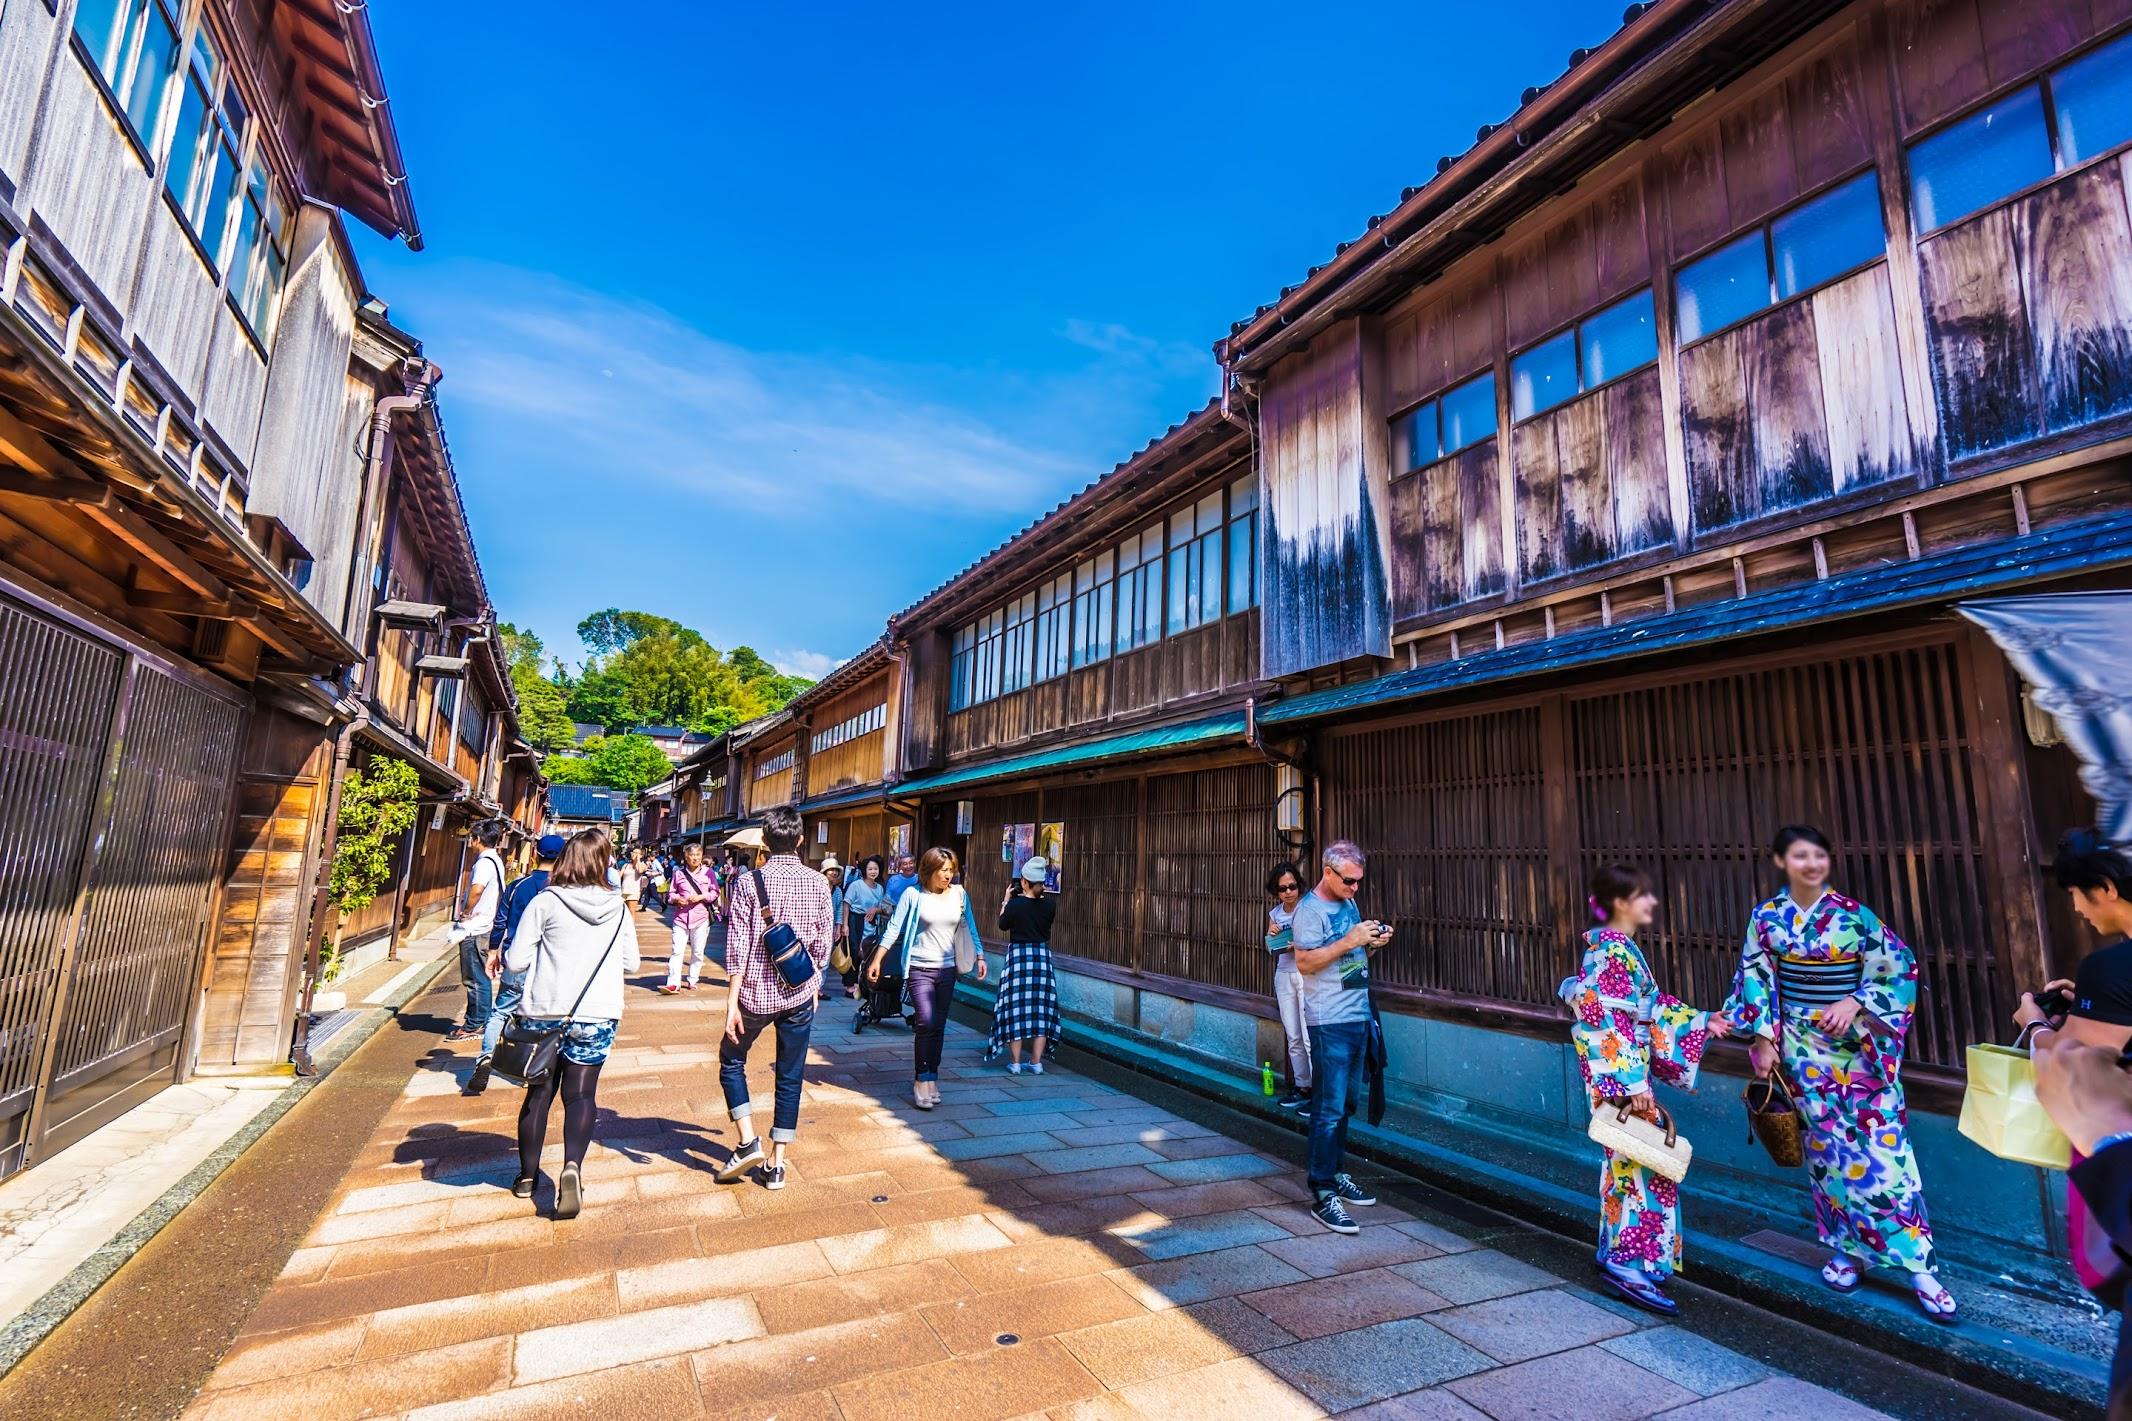 Kanazawa Higashi Chaya District1